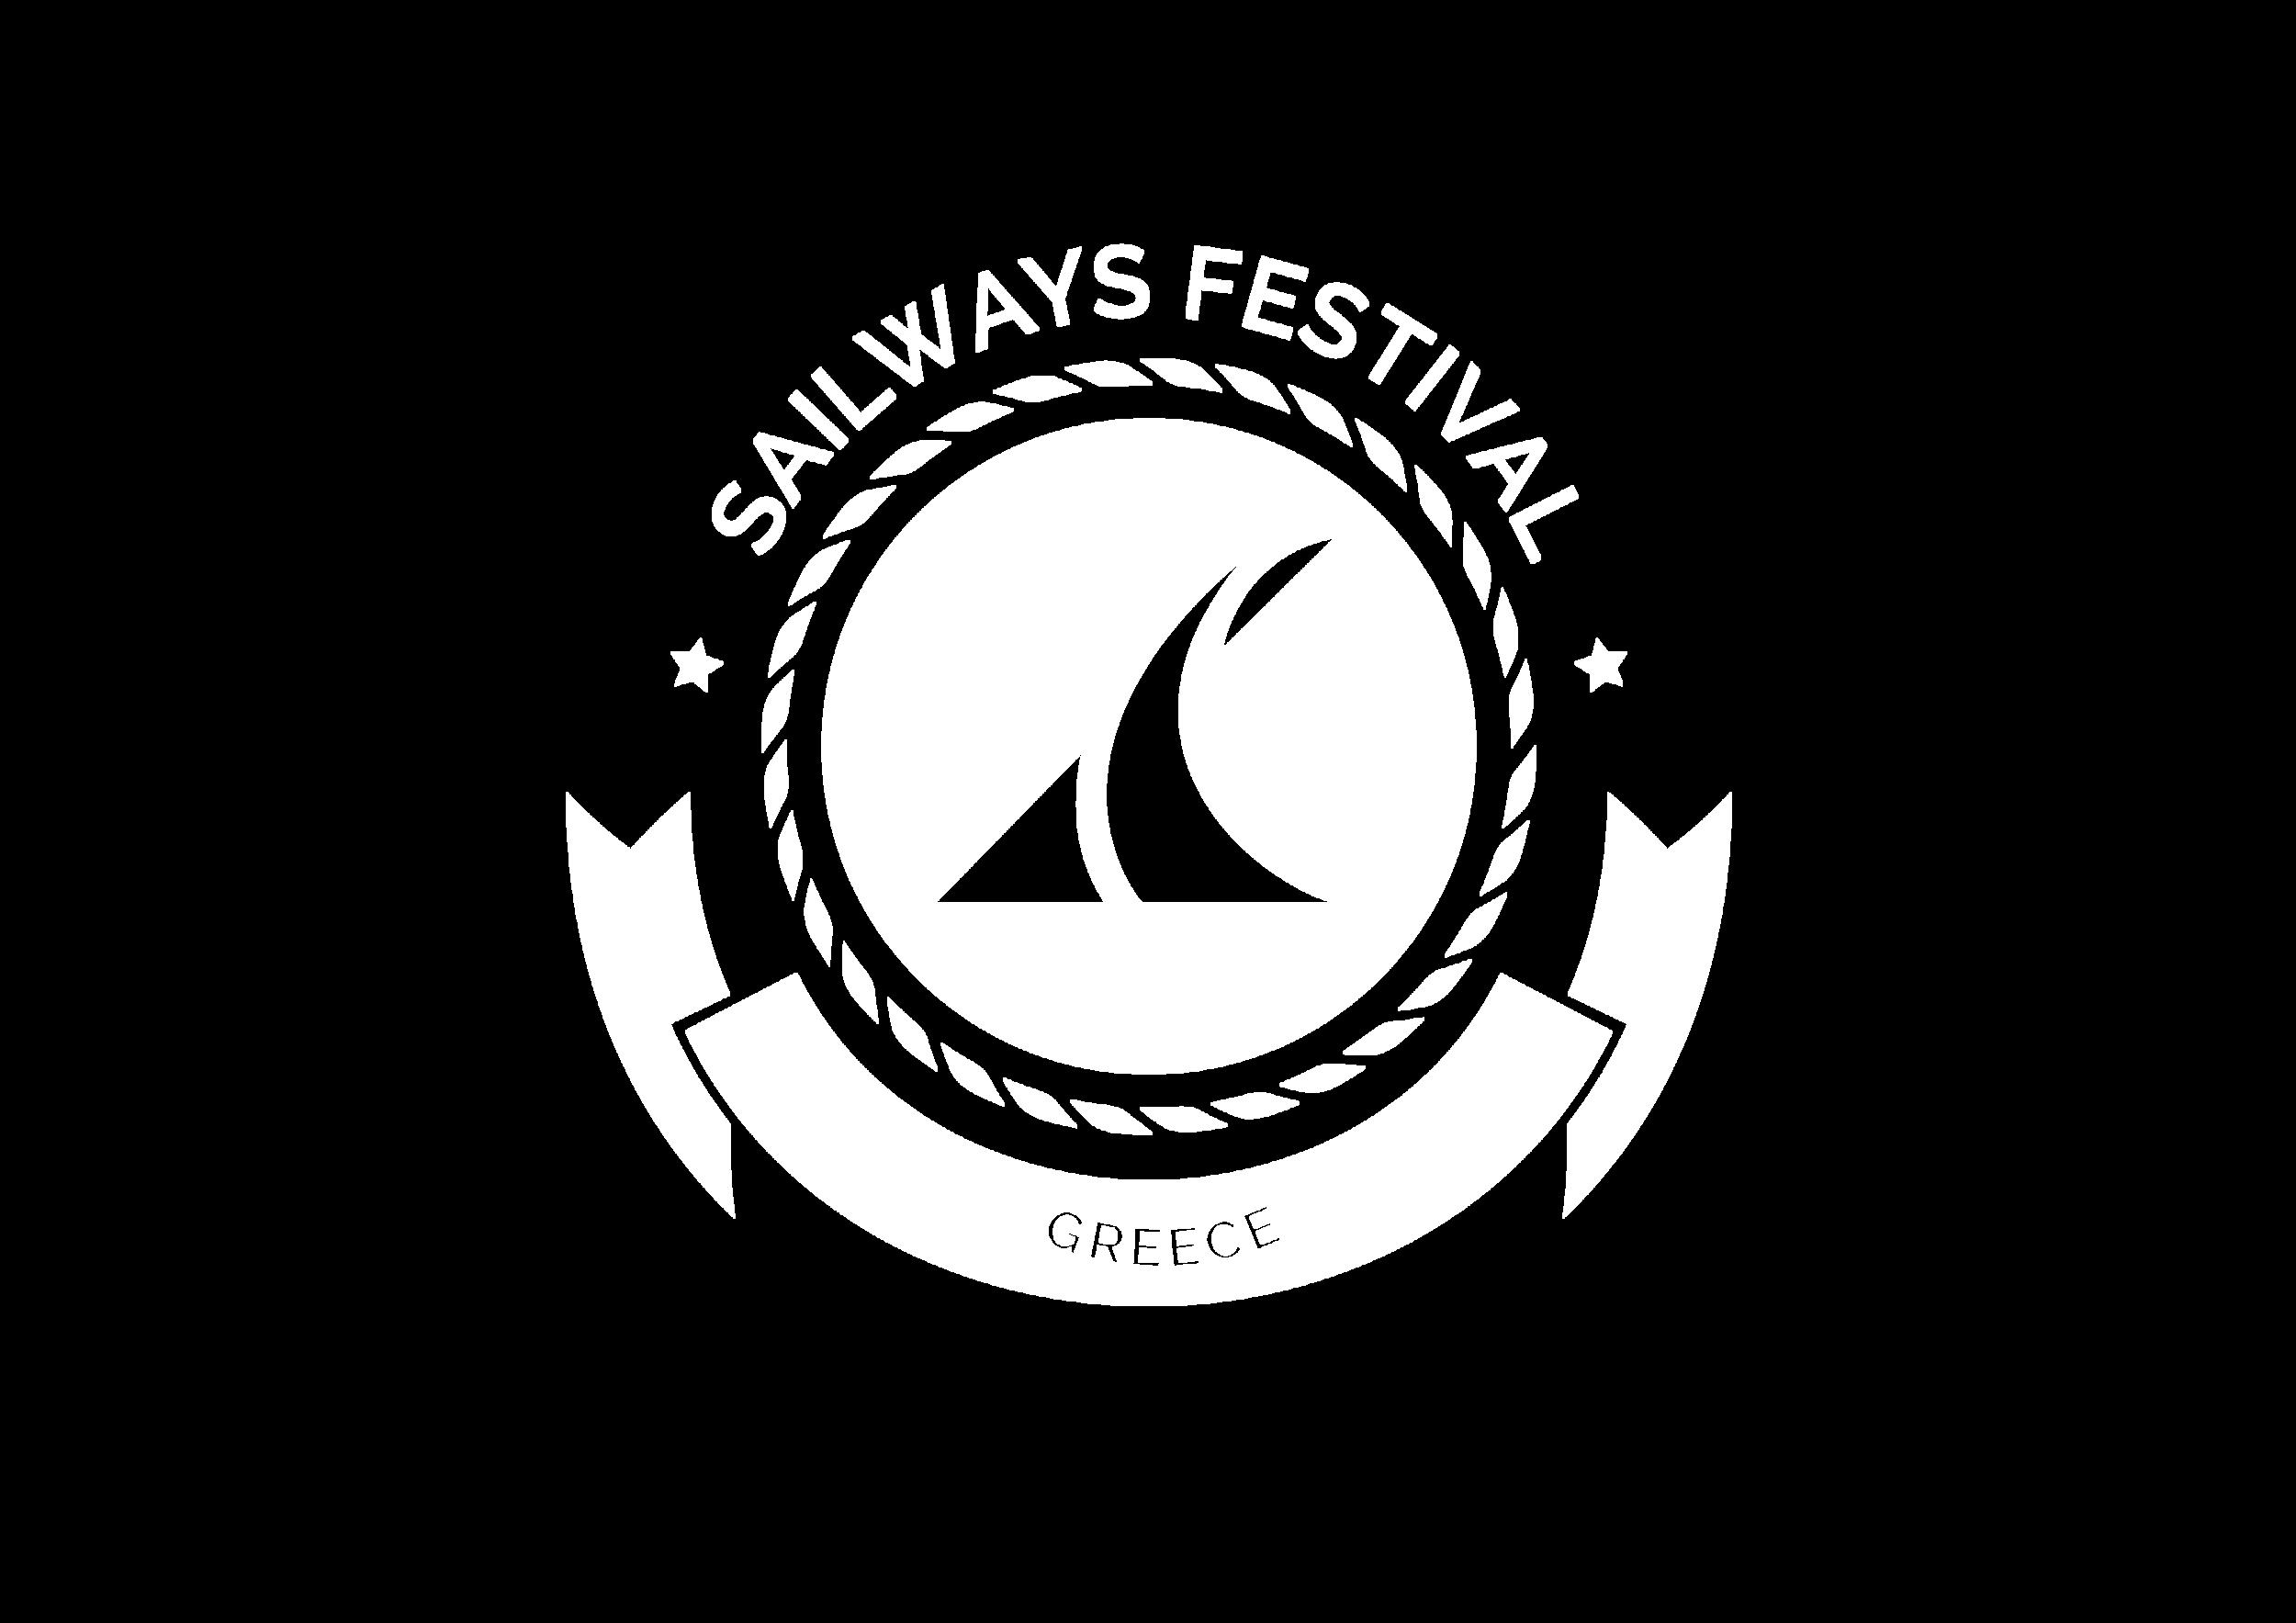 Sailways_FestivalLogo_White2.png